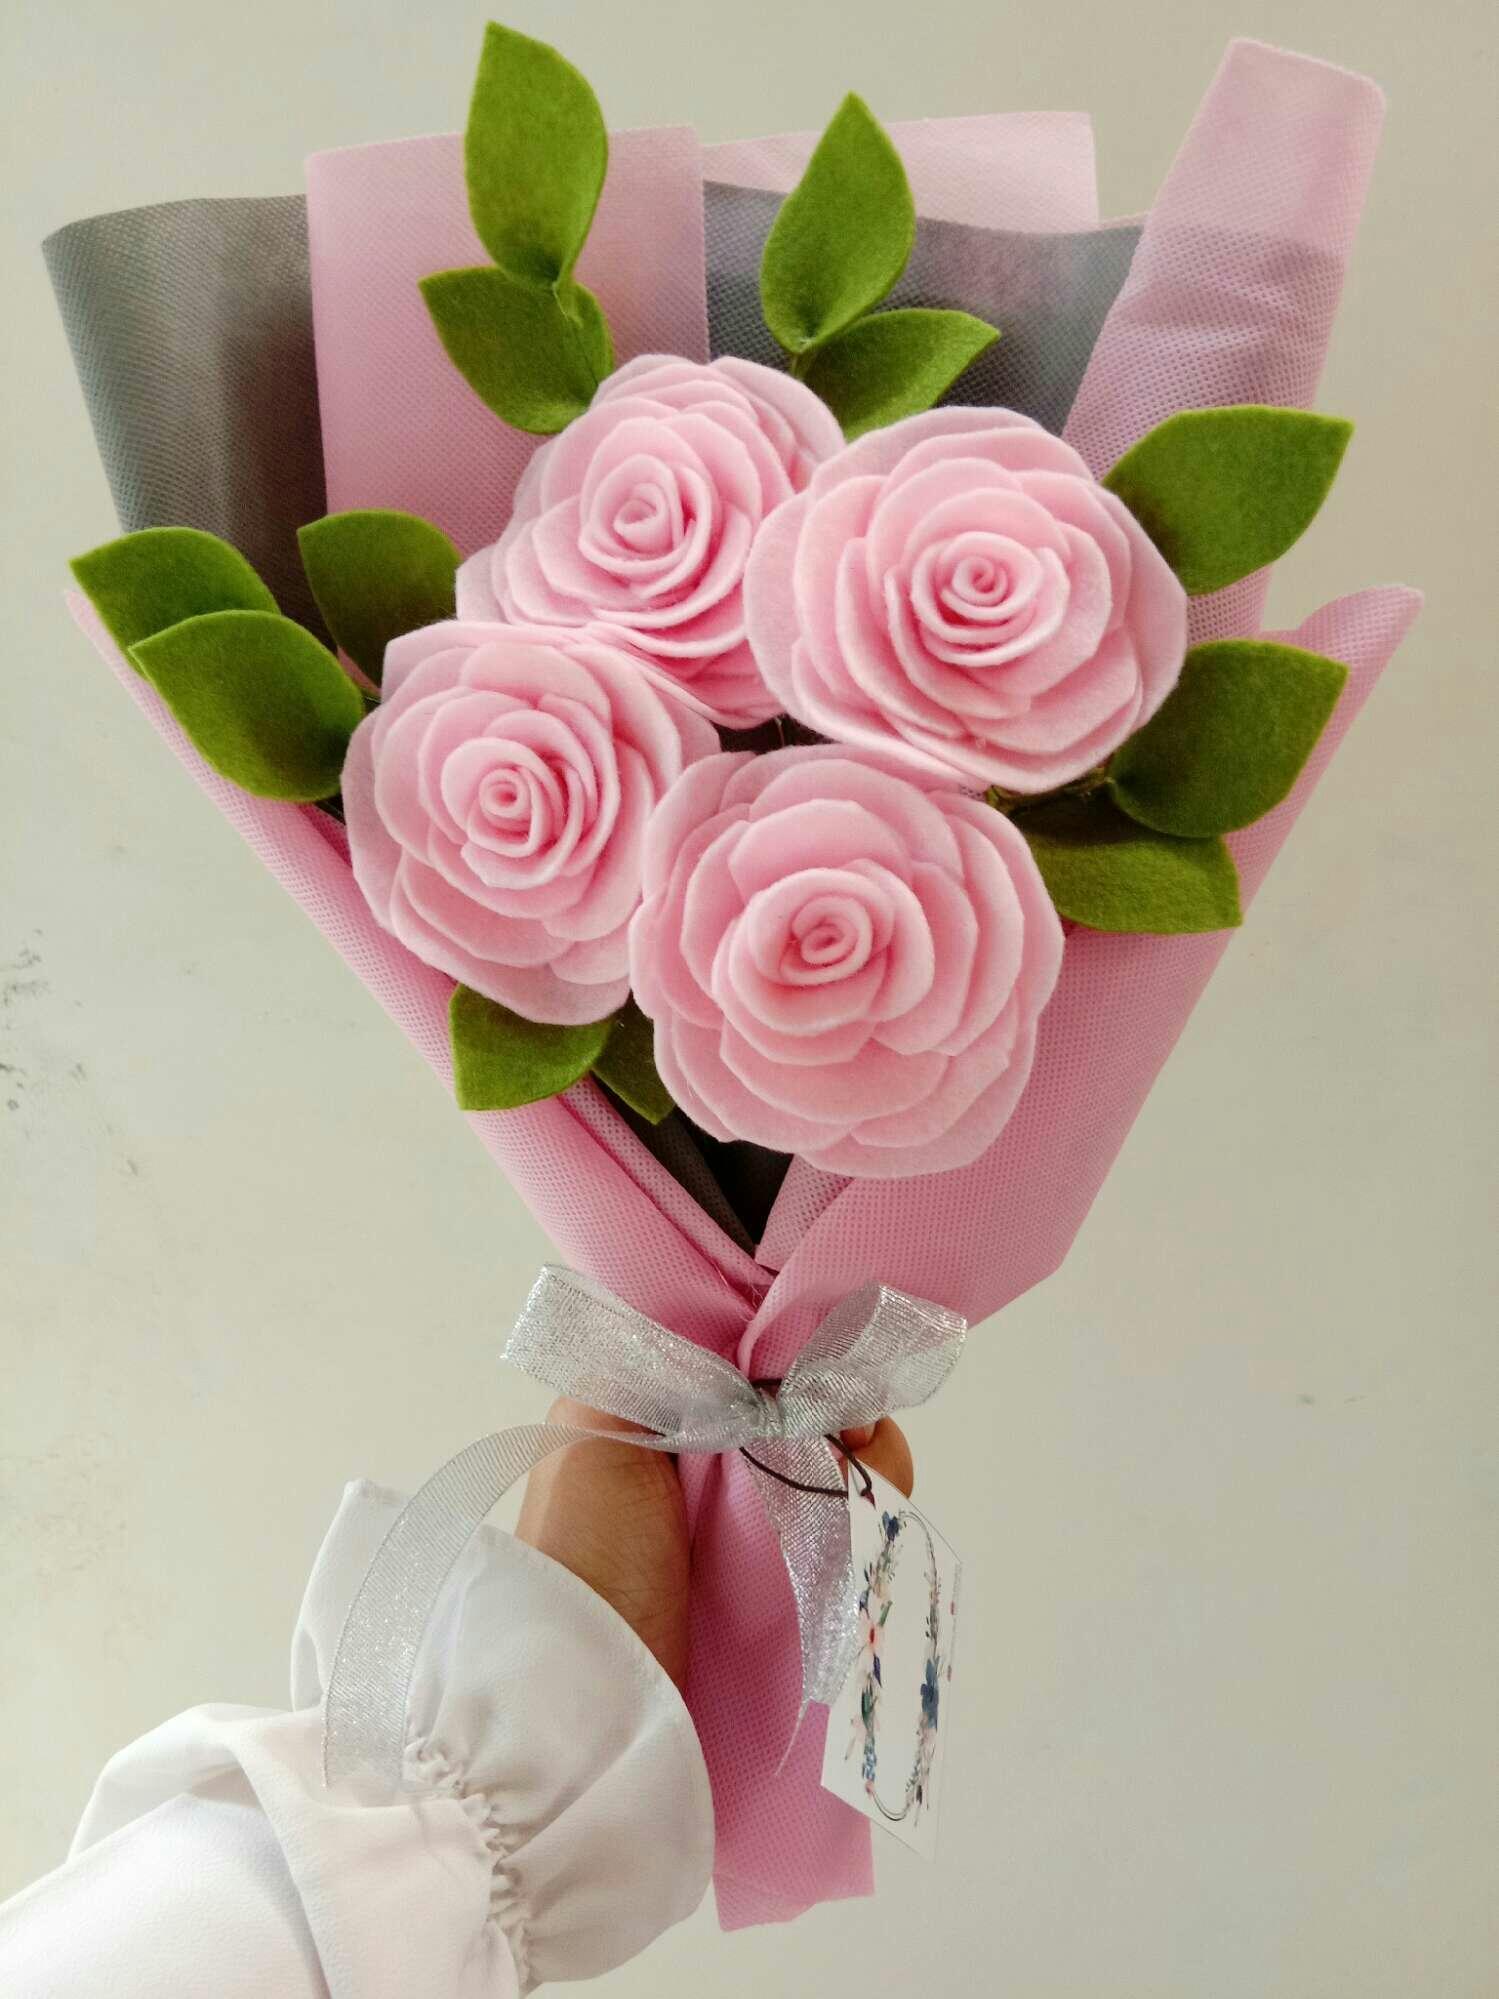 Buket Mawar Flanel Pink Muda Membeli Jualan Online Bunga Tanaman Artifisial Dengan Harga Murah Lazada Indonesia